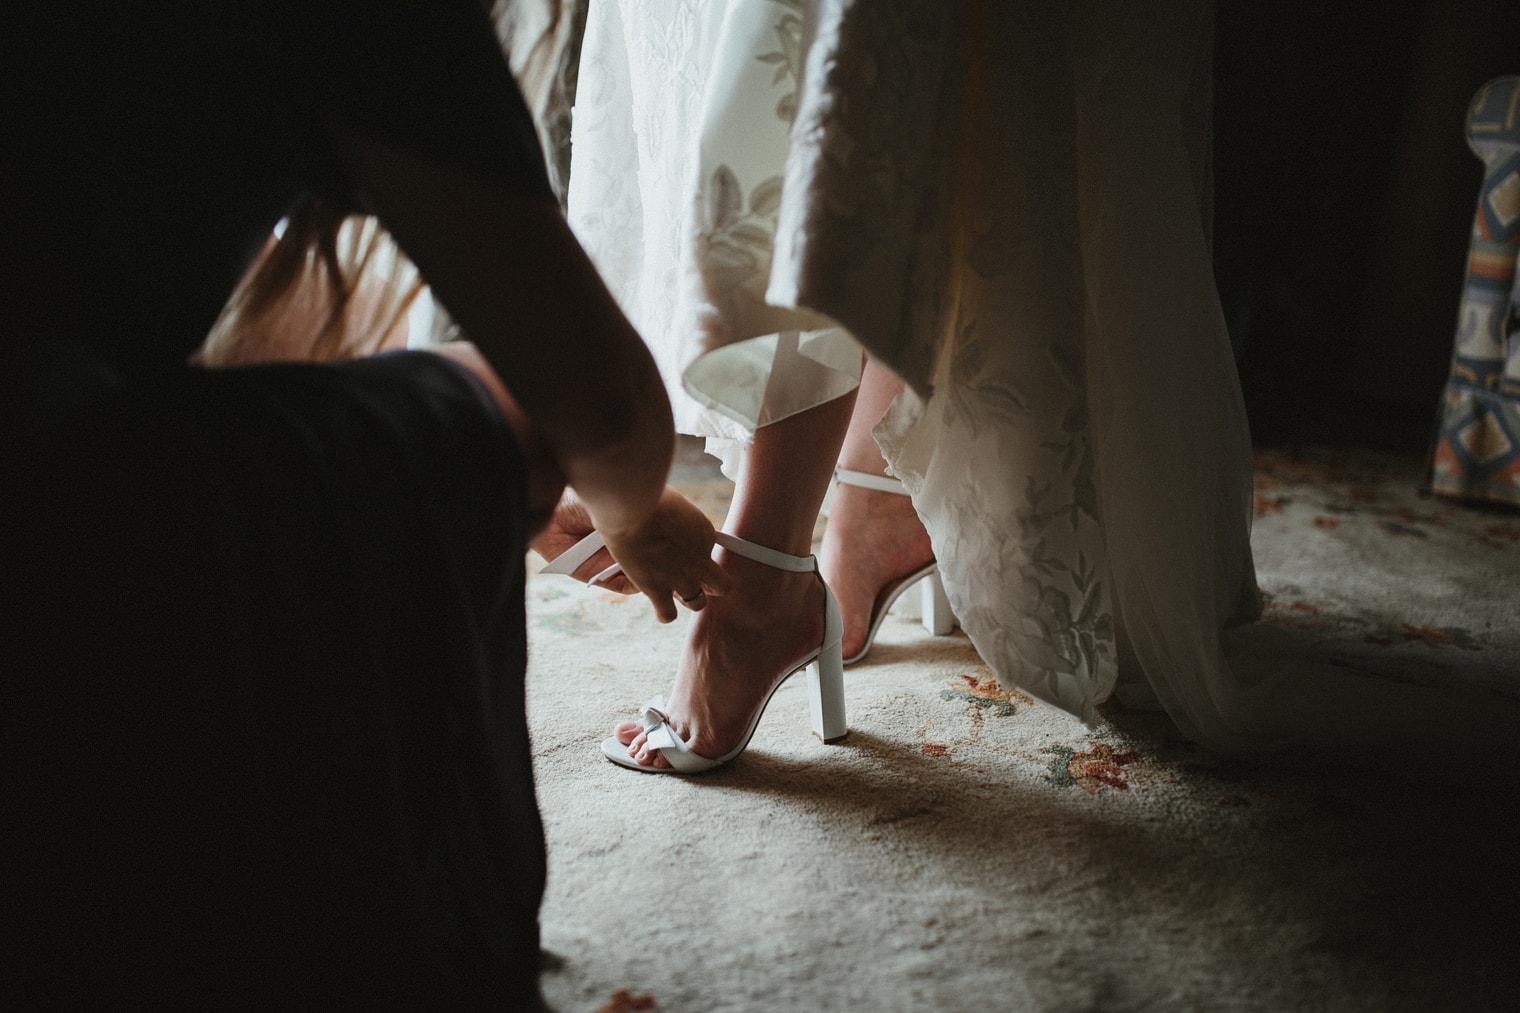 Bridesmaid helping tie bride's shoes